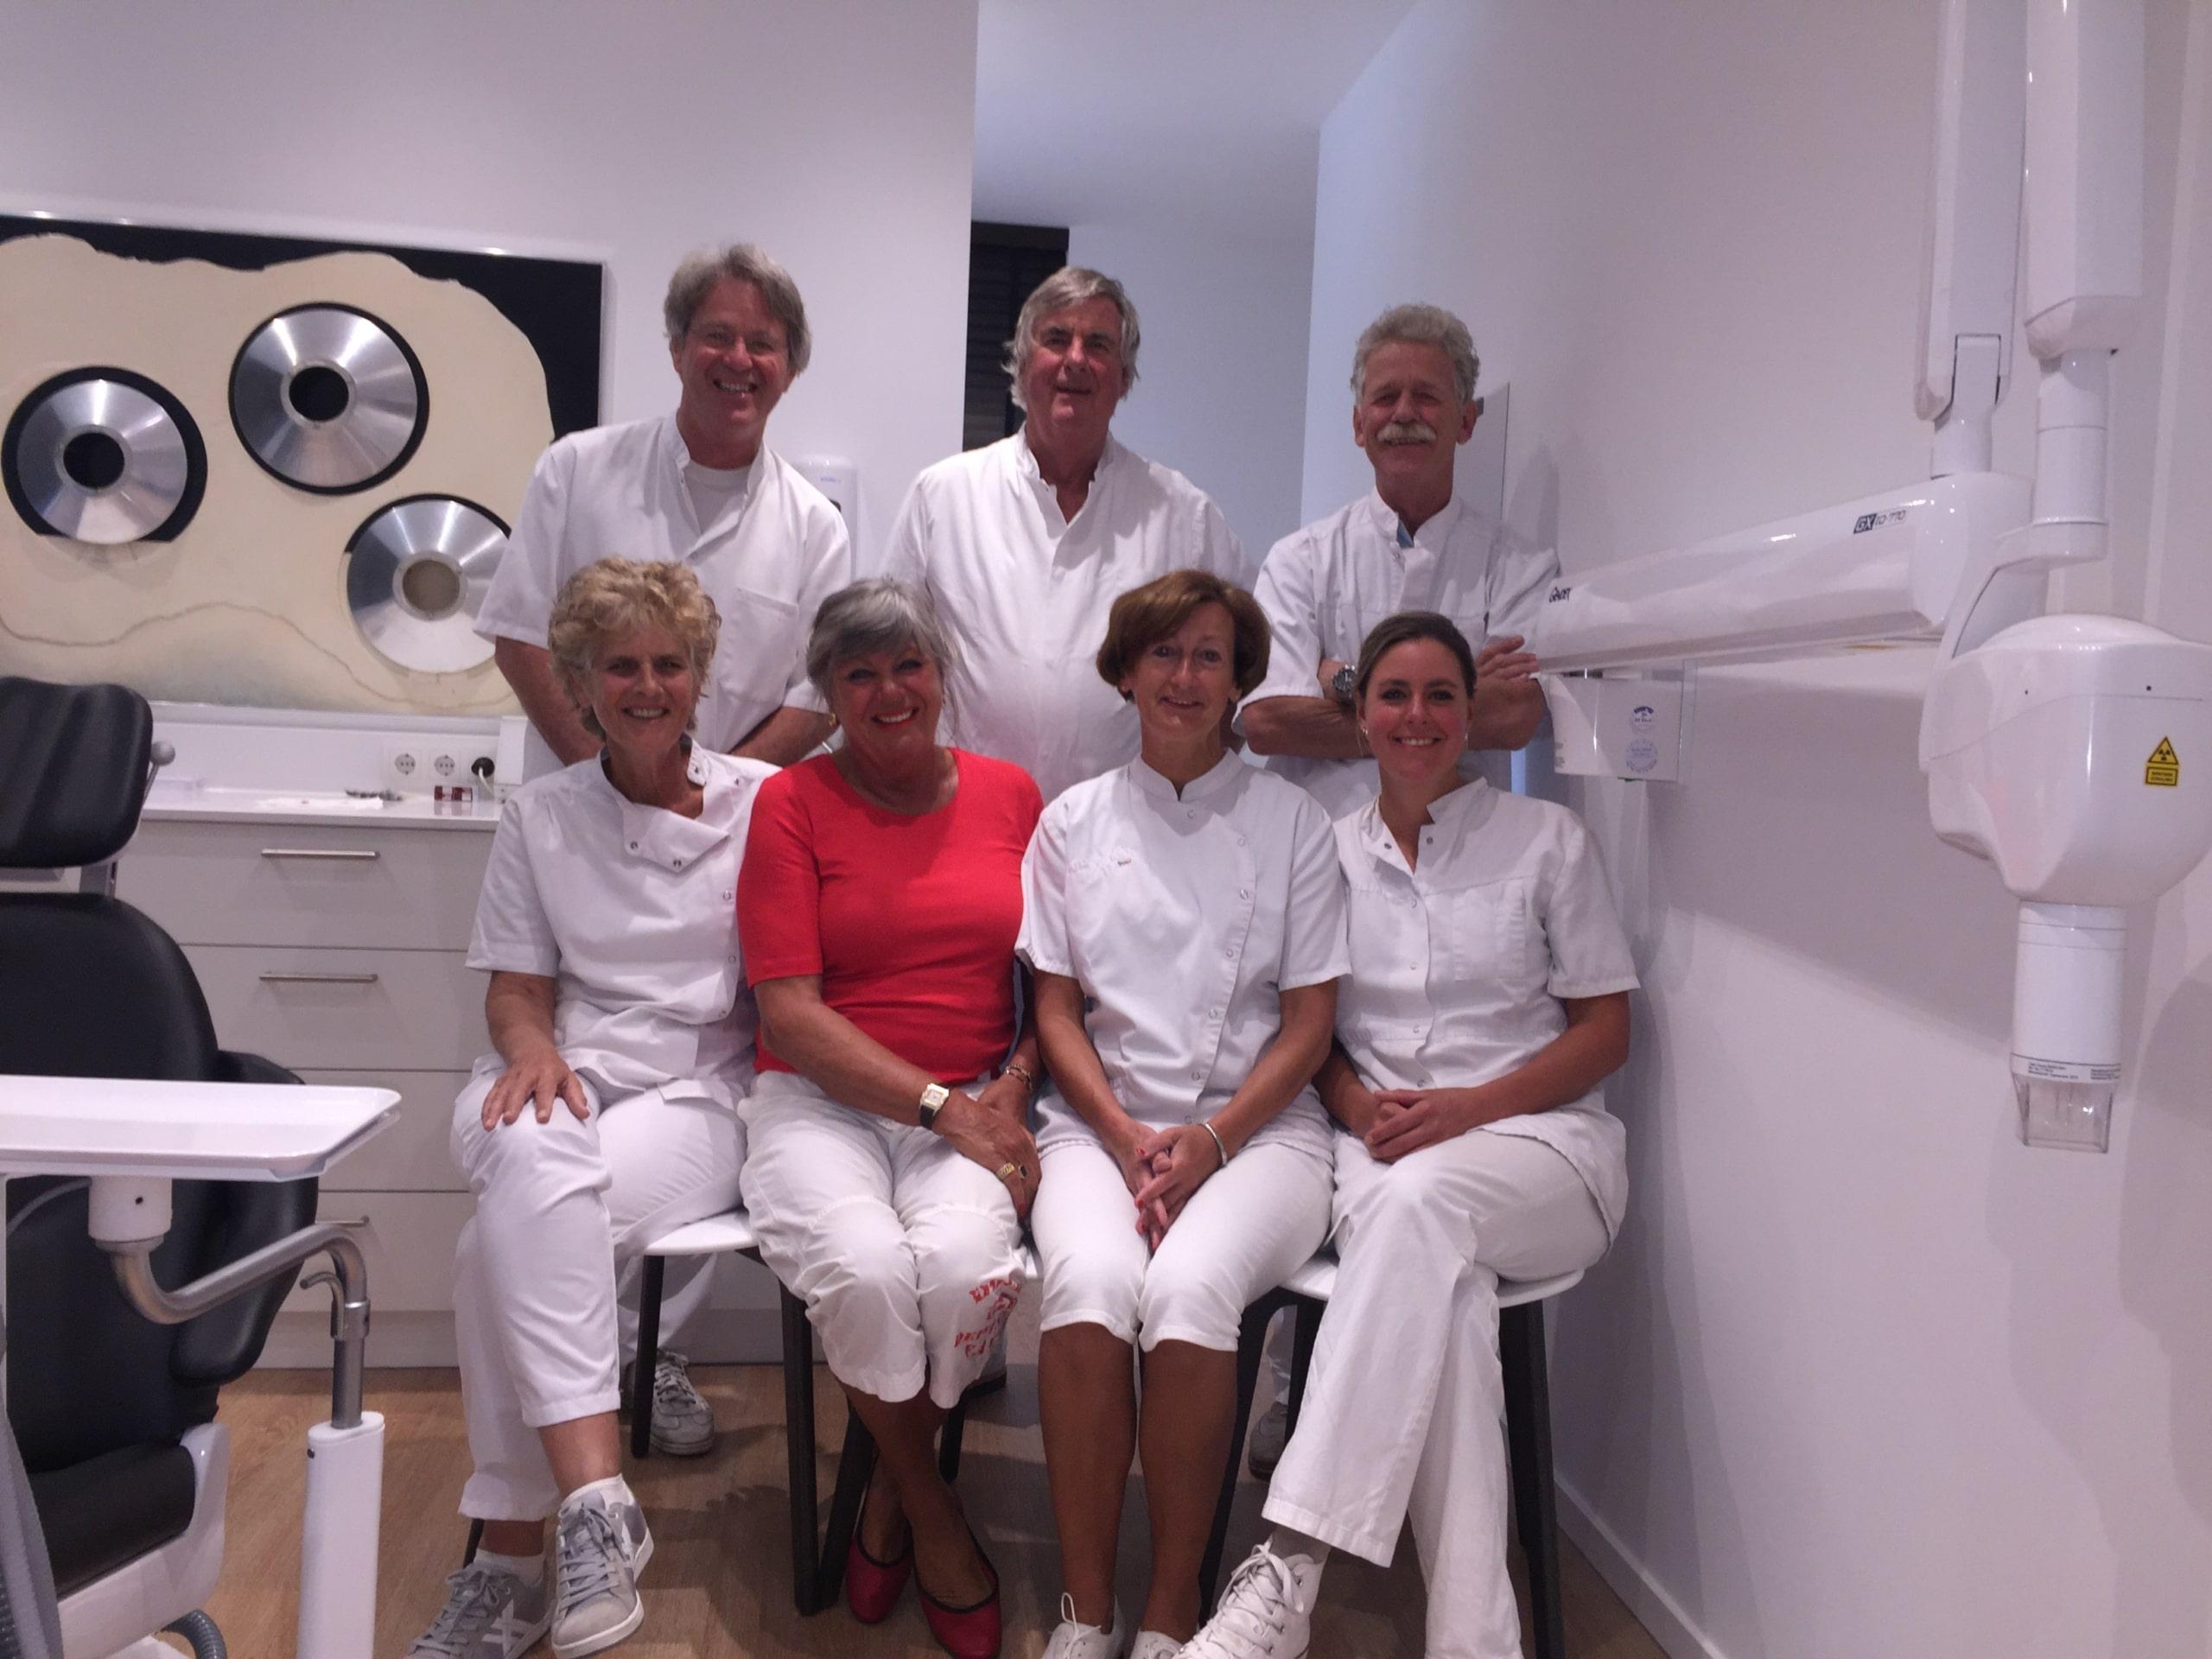 Tandartspraktijk Hanken, Oosterhout, vacature tandarts